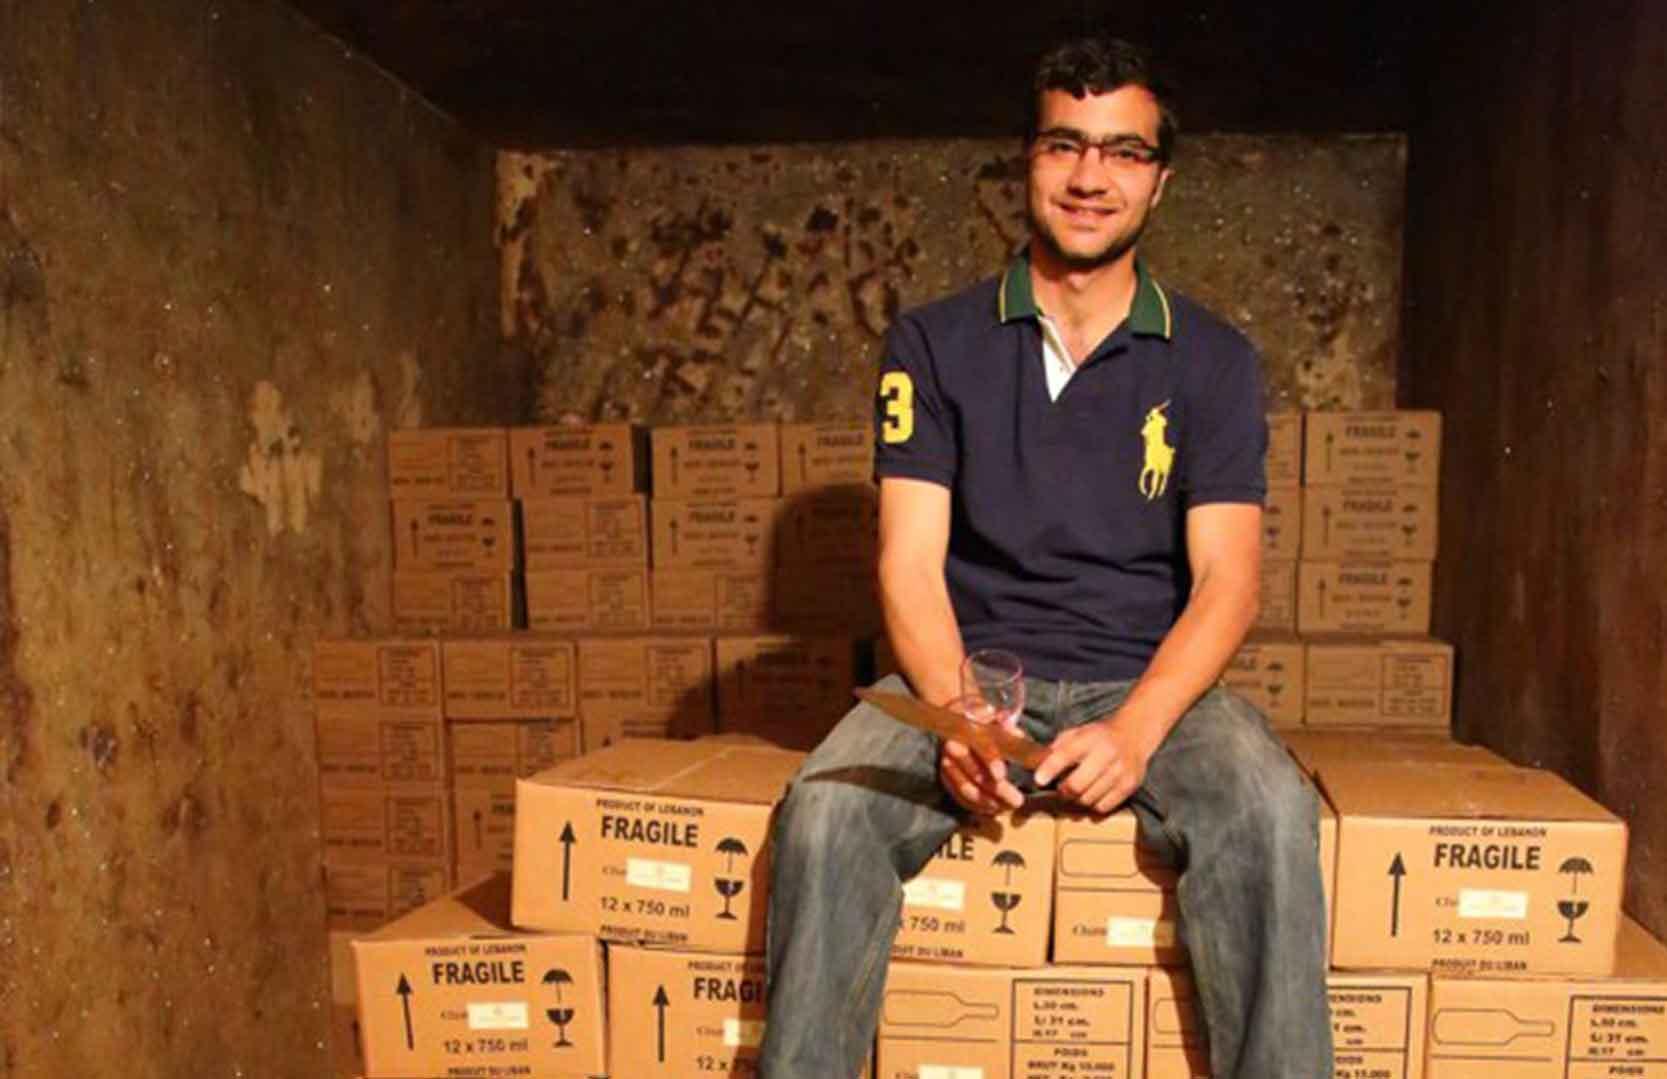 Önologe Jalal Nakad von Chateau Nakad aus dem Libanon